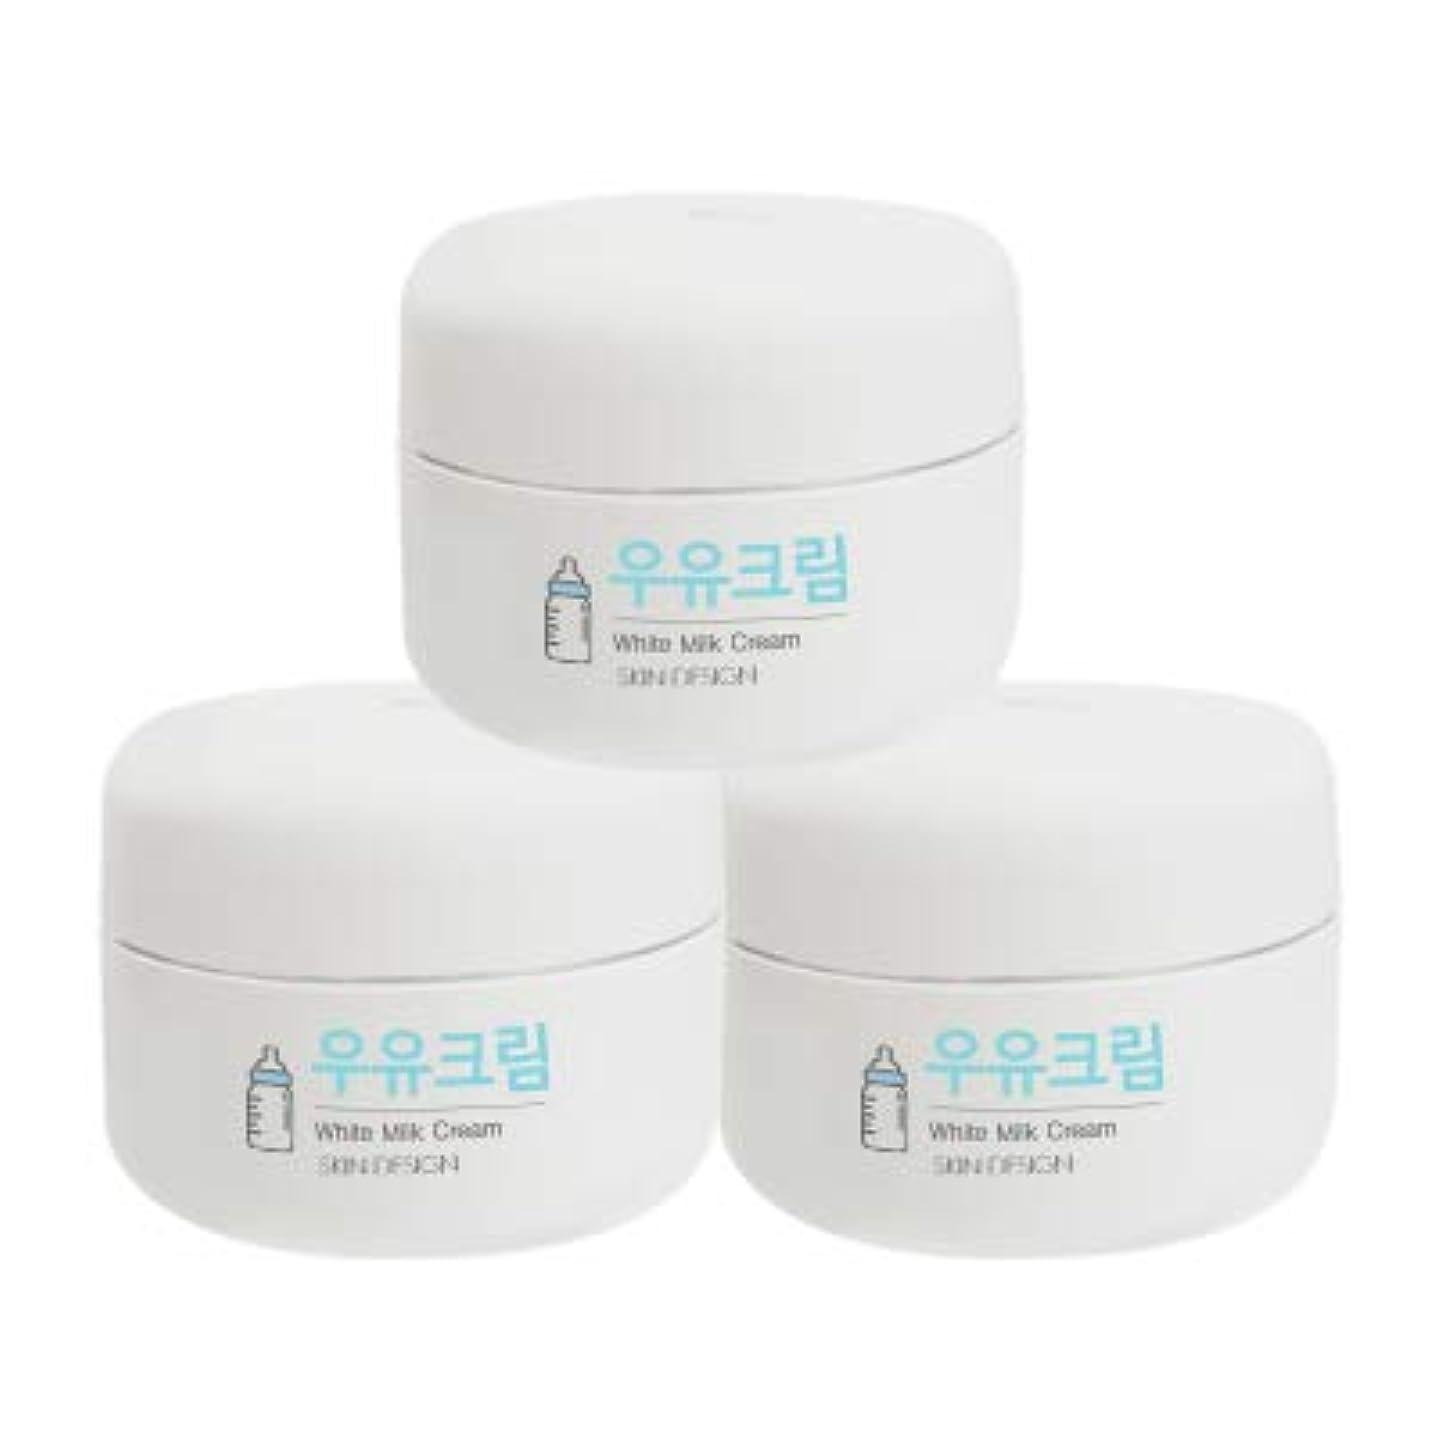 強化する独立した将来の【3個】【SKIN DESIGN】 スキンデザイン 牛乳クリーム 3個セット WHITE MILK CREAM 韓国 ウユクリーム